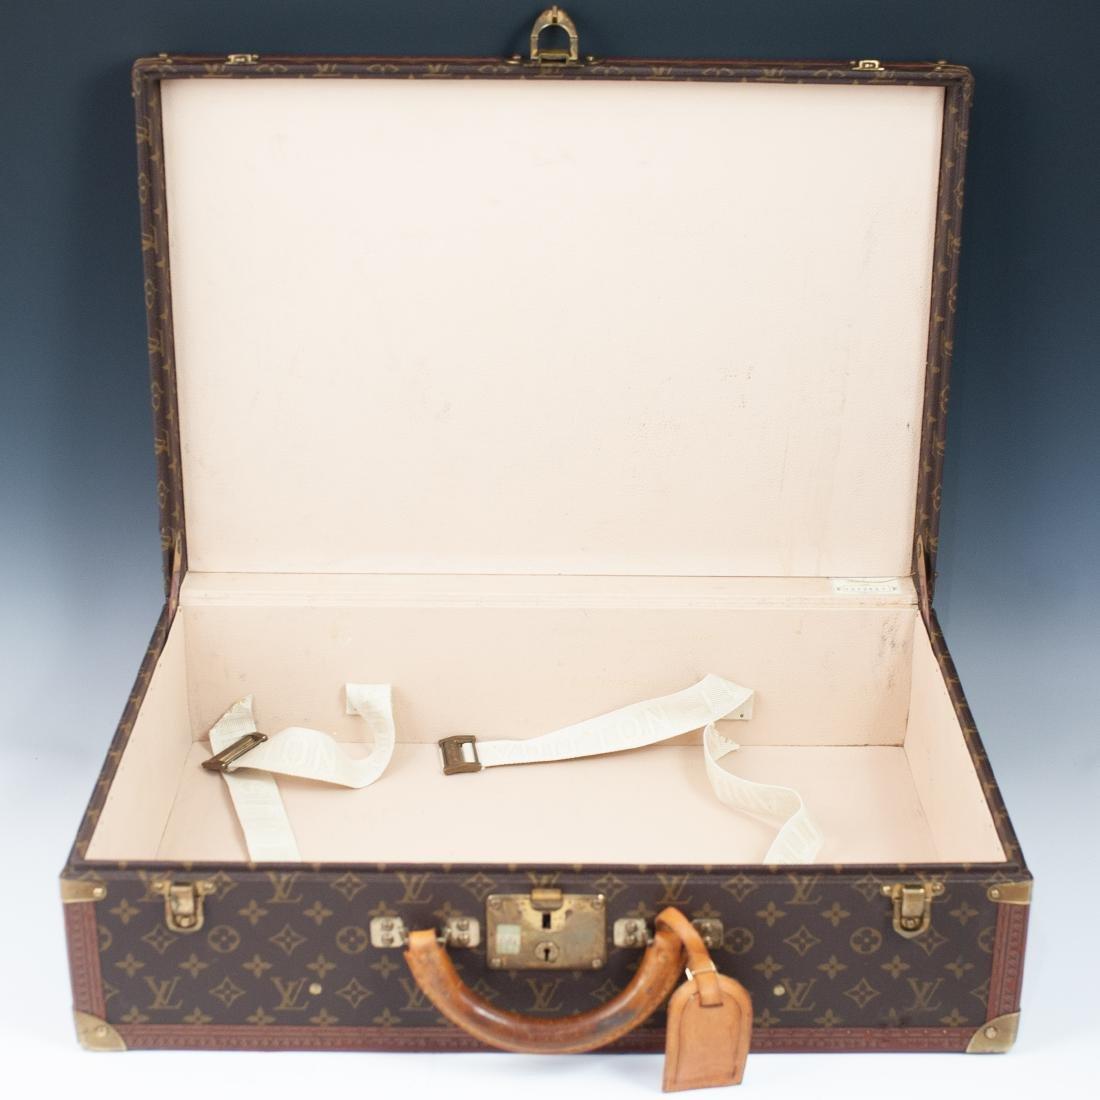 Vintage Louis Vuitton Suitcase - 9